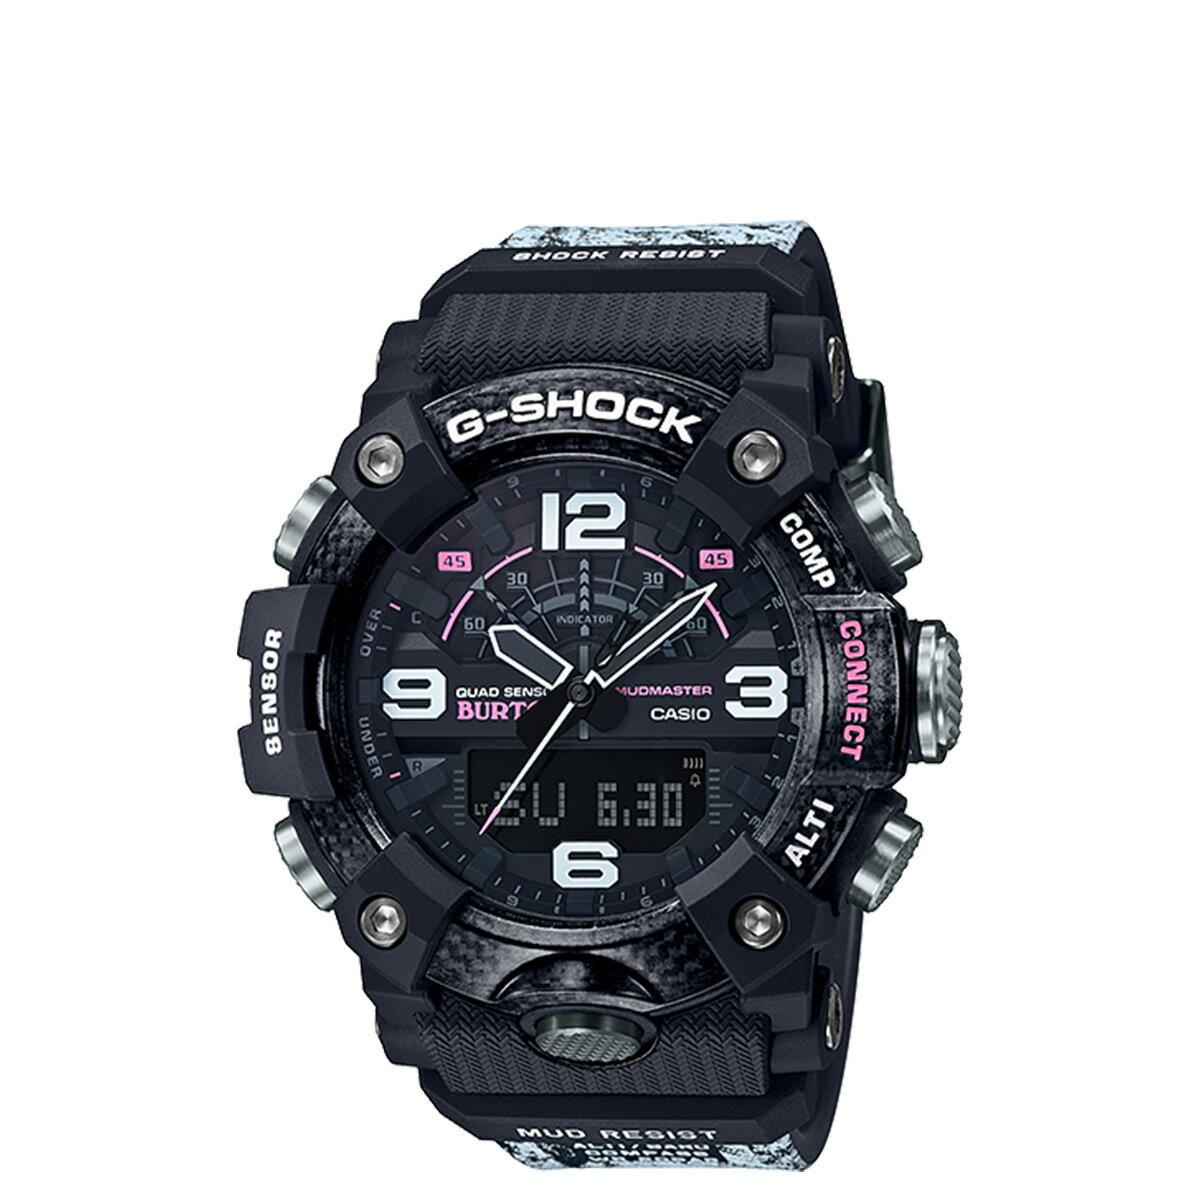 腕時計, 男女兼用腕時計 600OFF CASIO G-SHOCK BURTON GG-B100BTN-1AJR